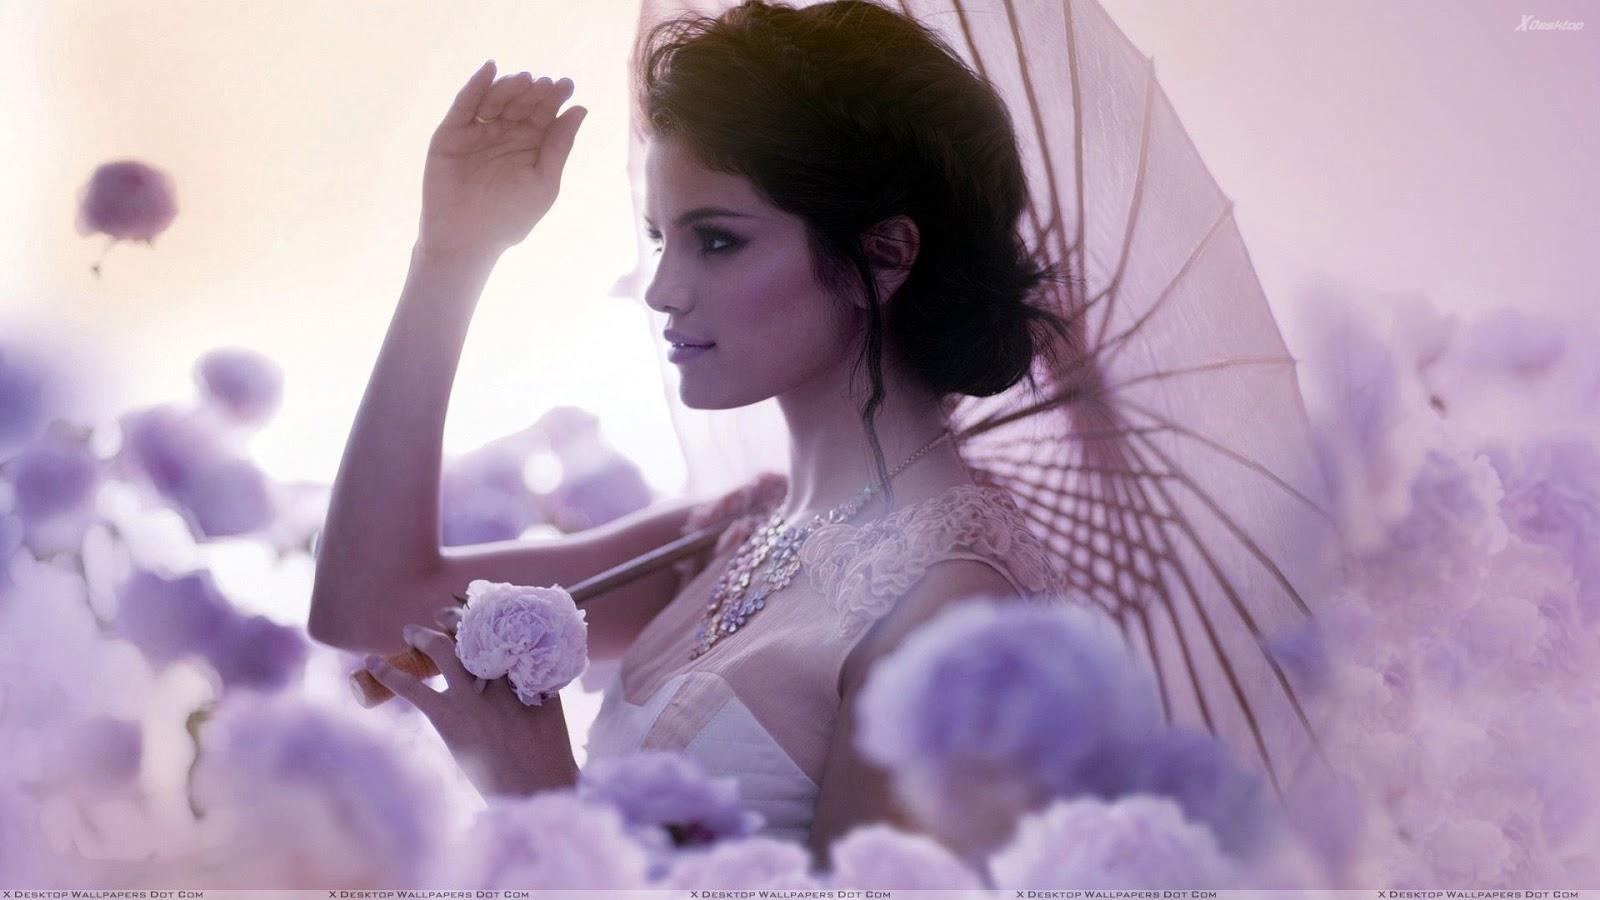 Тексты песен(слова) Селены Гомес (Selena Gomez) lyrics